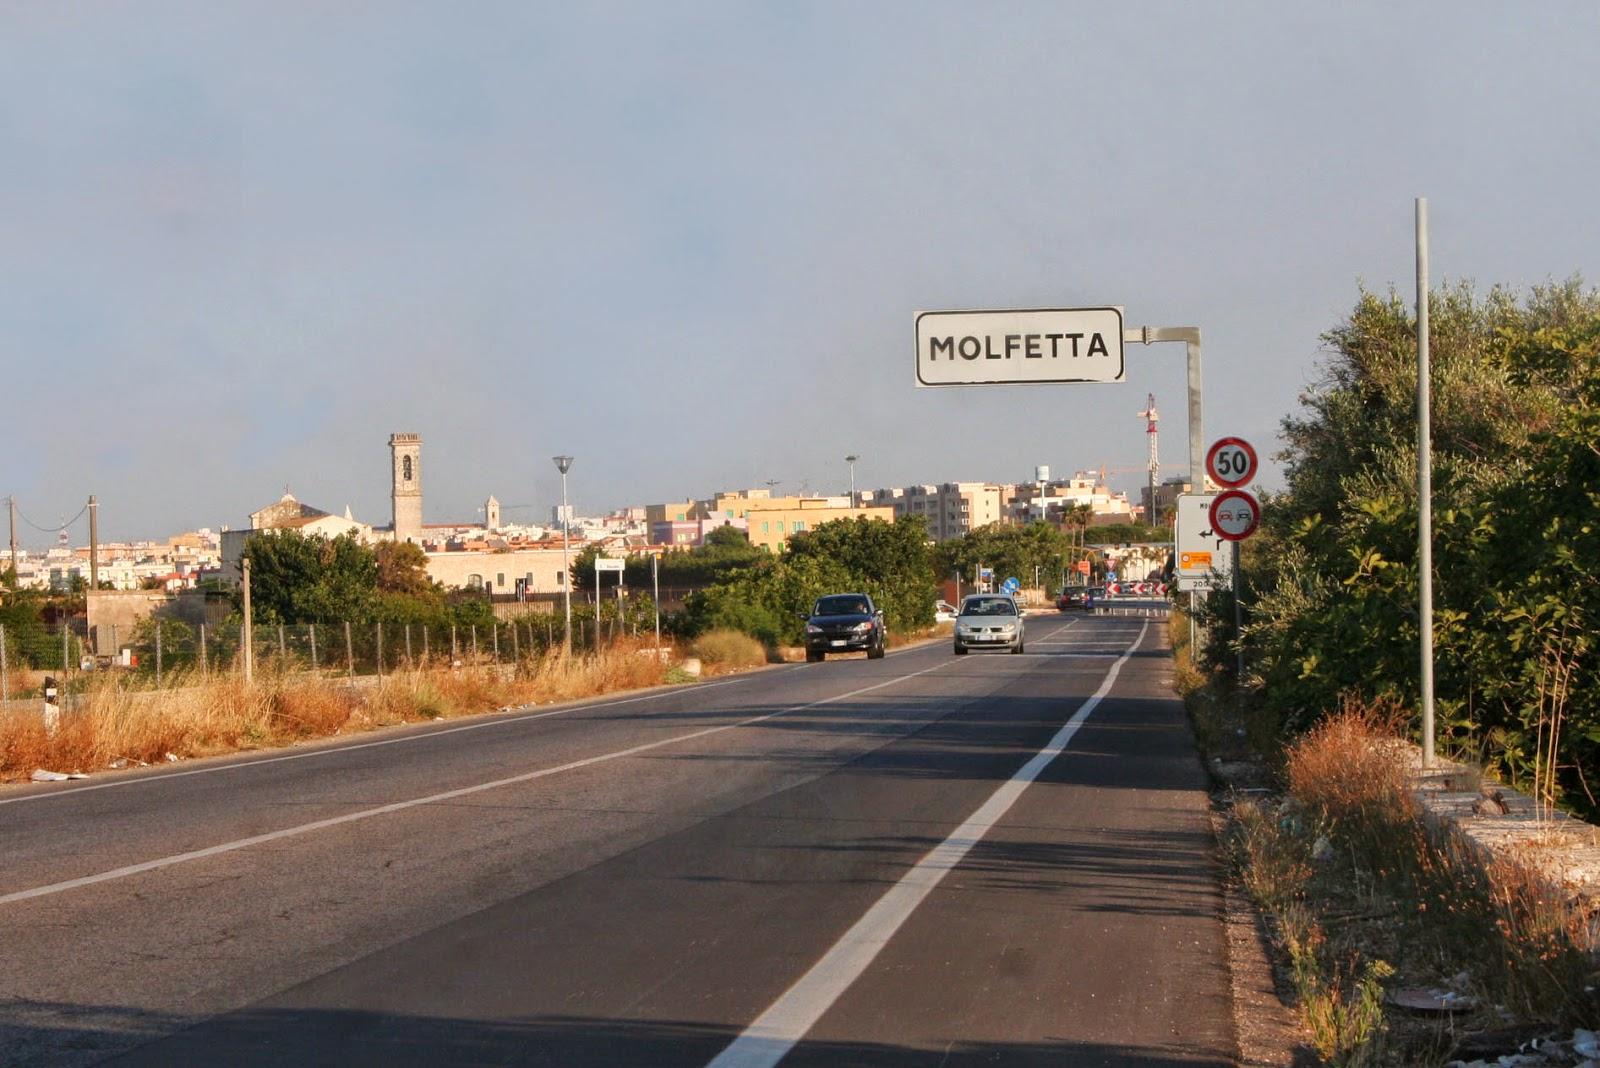 Samba bossa nova chimica e basilico a molfetta sulle for Nuovo arredo molfetta